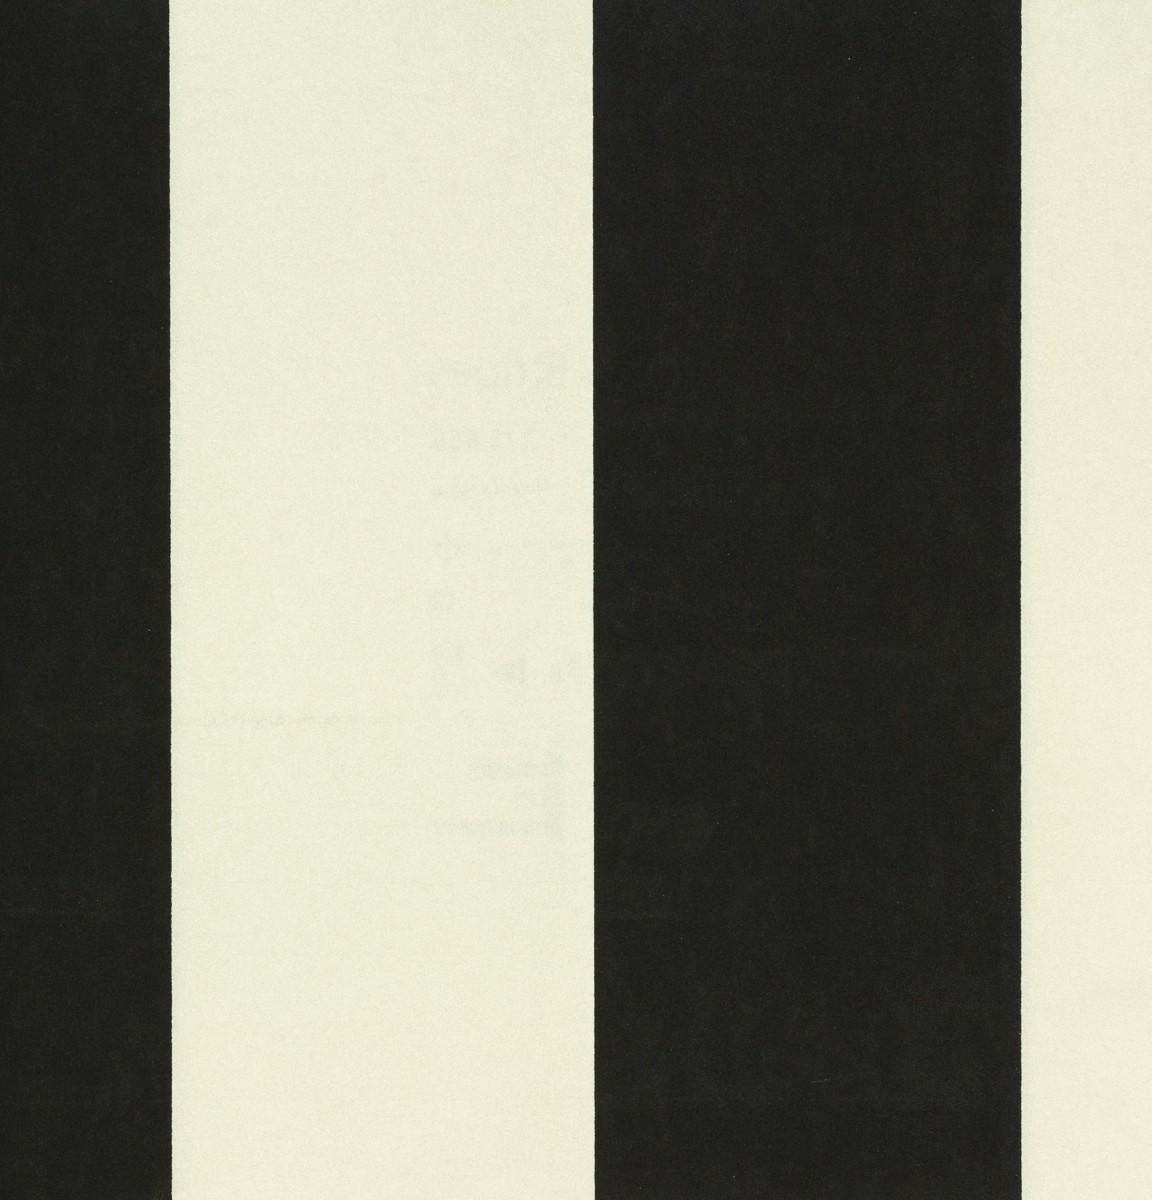 Vliestapete Rasch Textil Streifen schwarz creme 221434